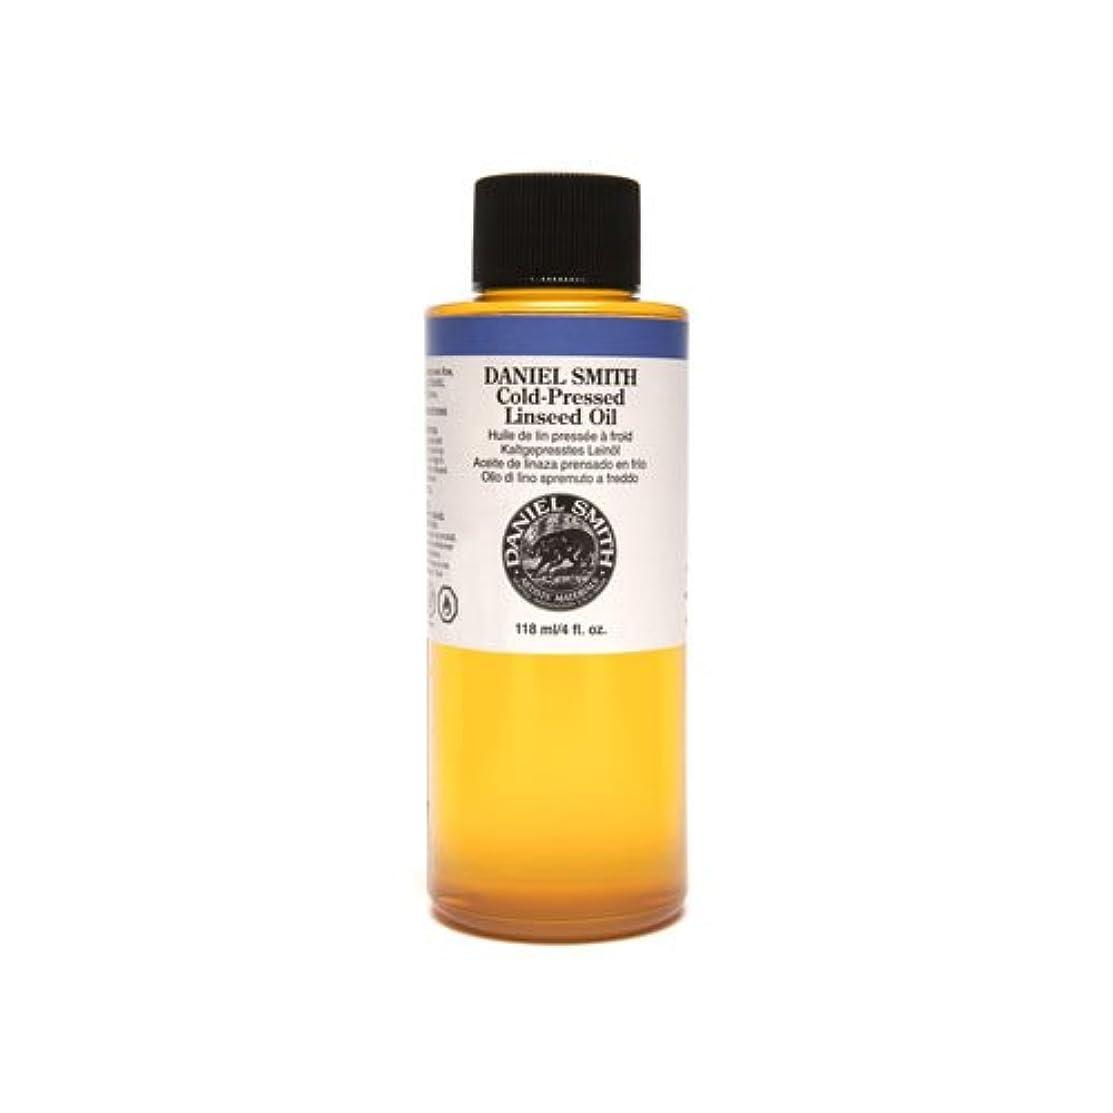 薄いですペース予測するDaniel Smith 284470009 Original Oil, Cold-Pressed Linseed Oil, 120ml